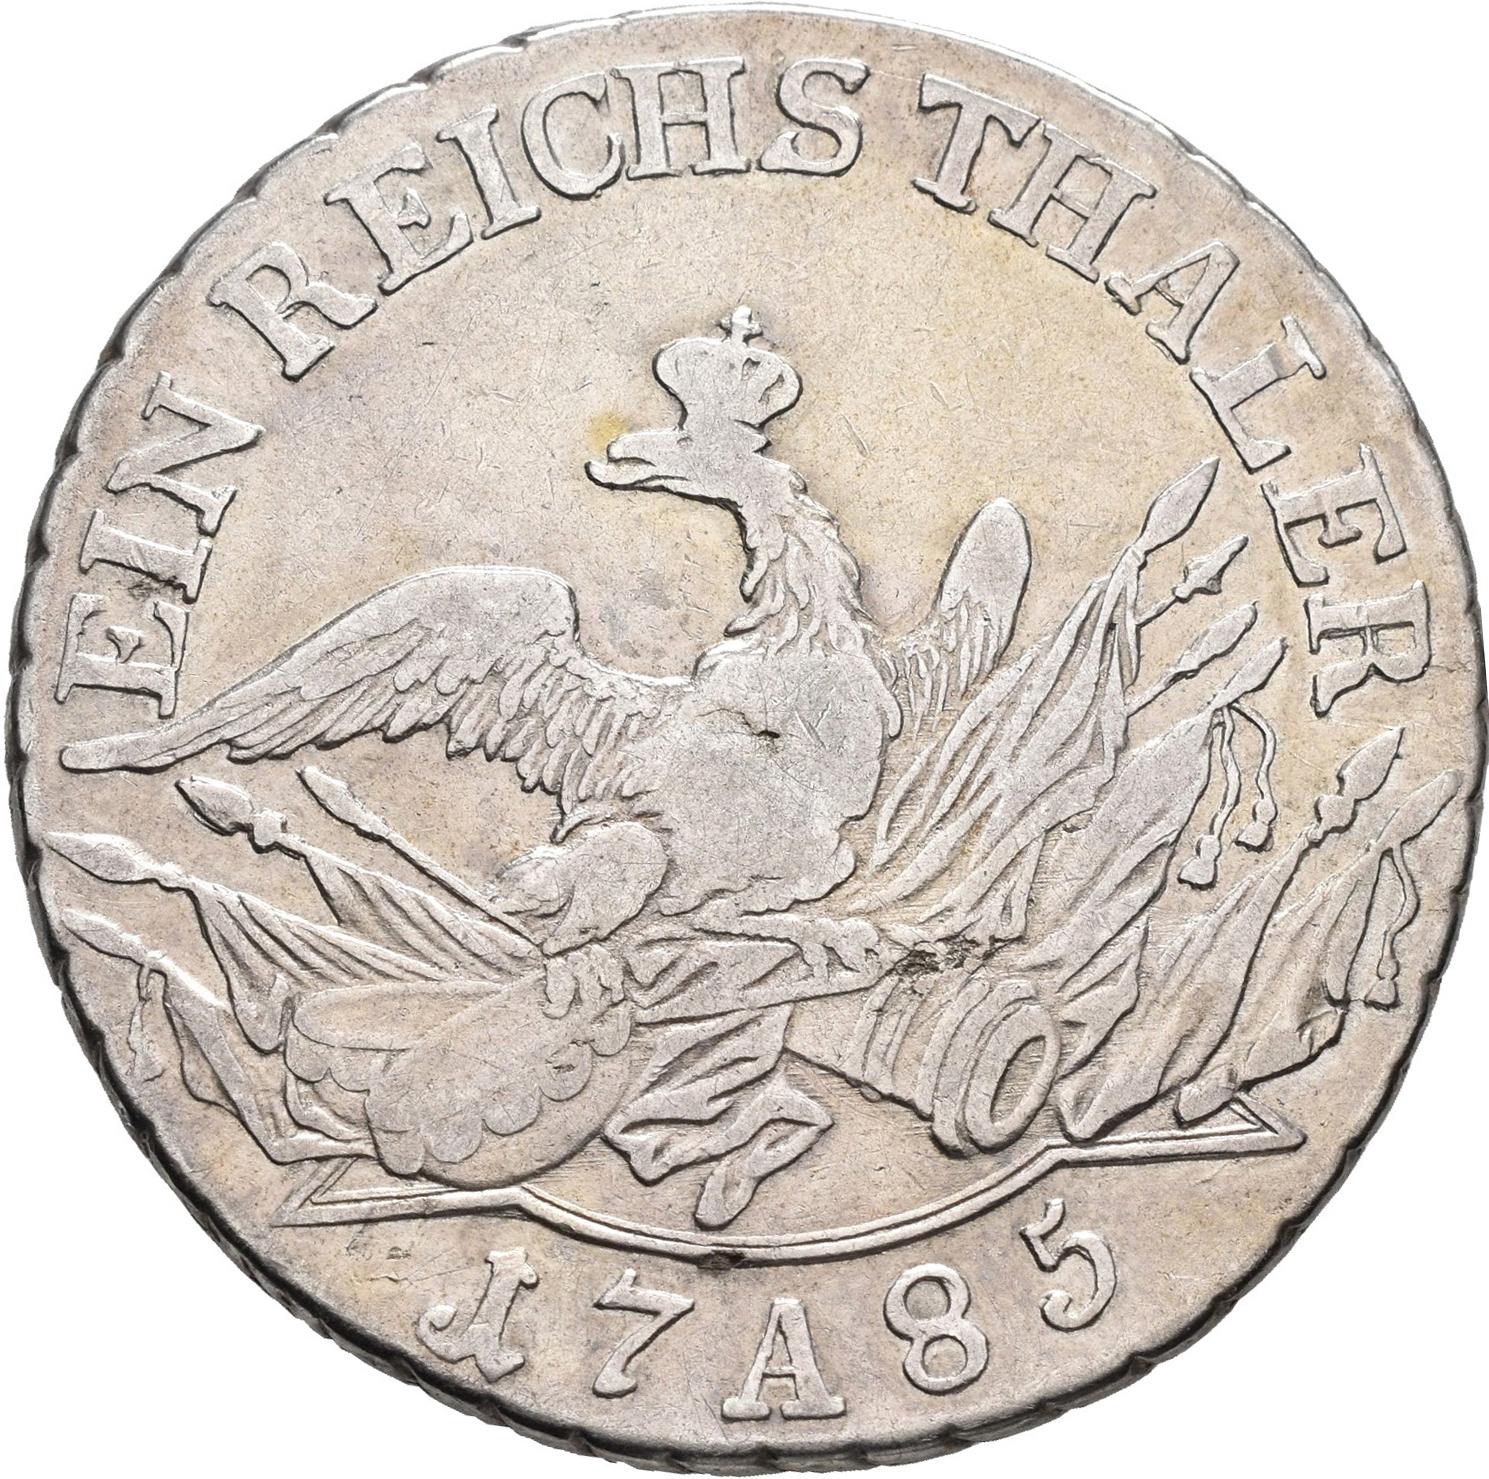 Lot 04465 - Altdeutschland und RDR bis 1800 | Münzen  -  Auktionshaus Christoph Gärtner GmbH & Co. KG Sale #45 Banknotes Germany/Numismatics